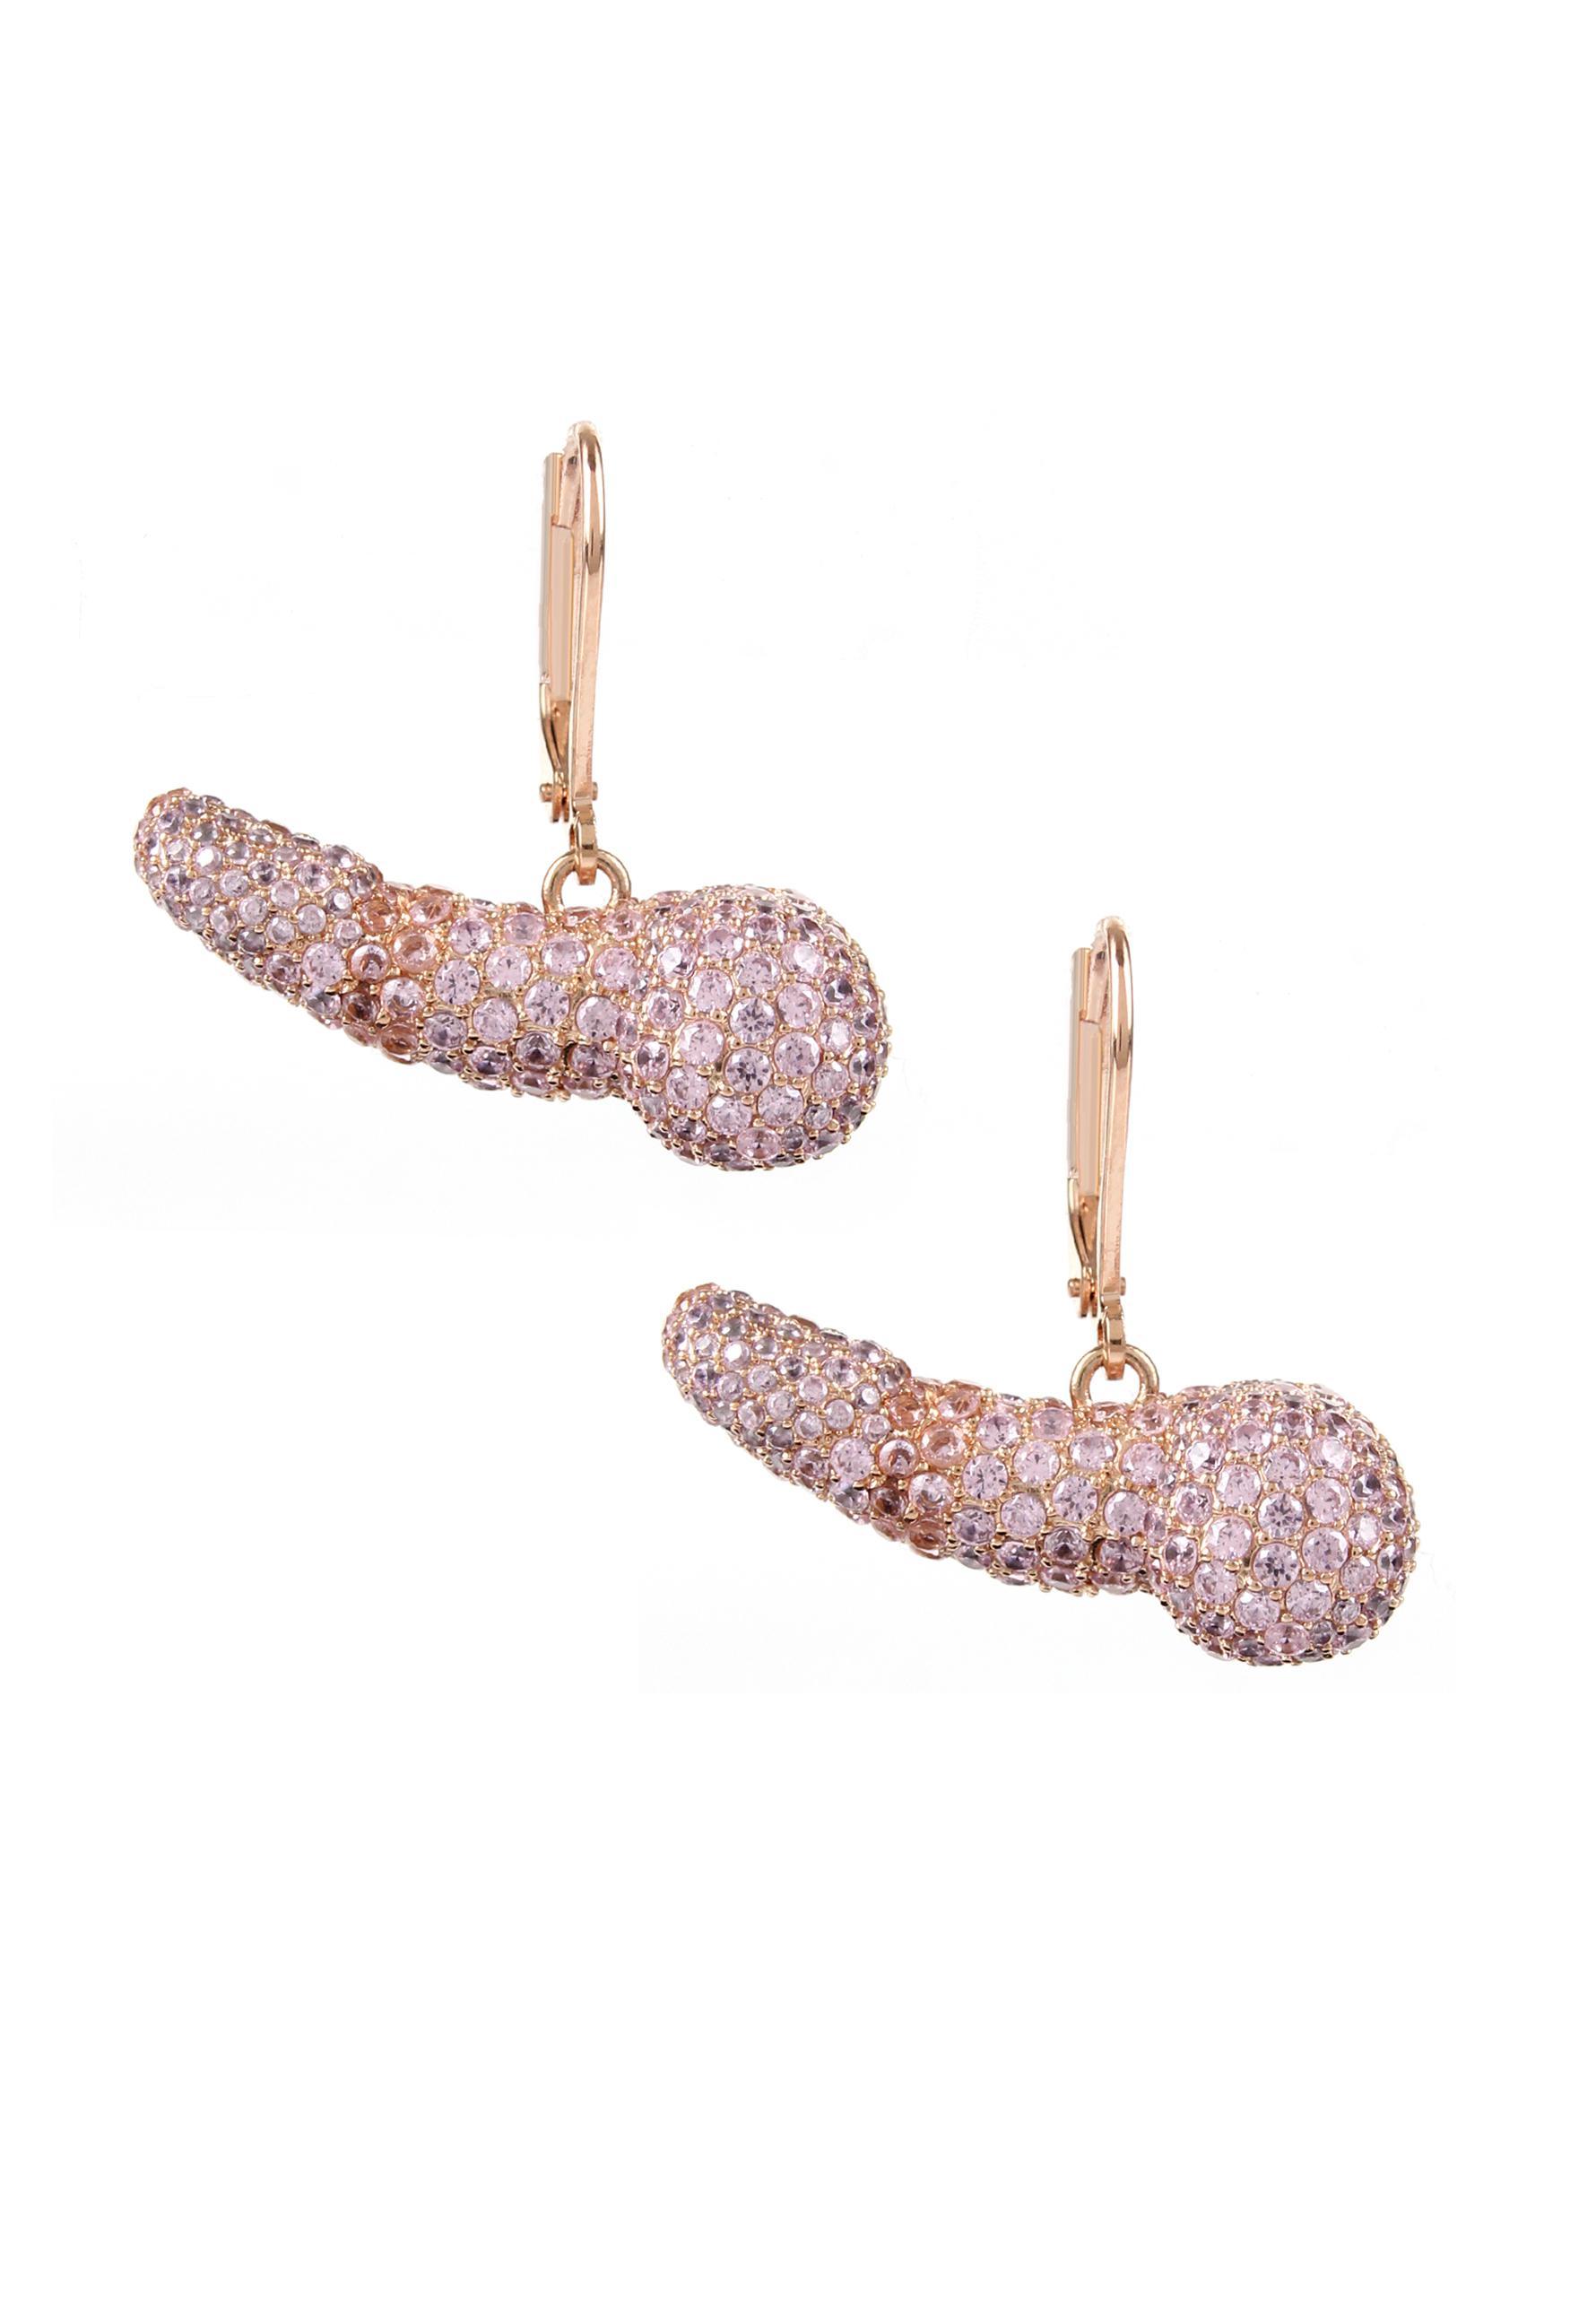 Vivienne Westwood. Women's Pan Earrings Pink Gold/pink